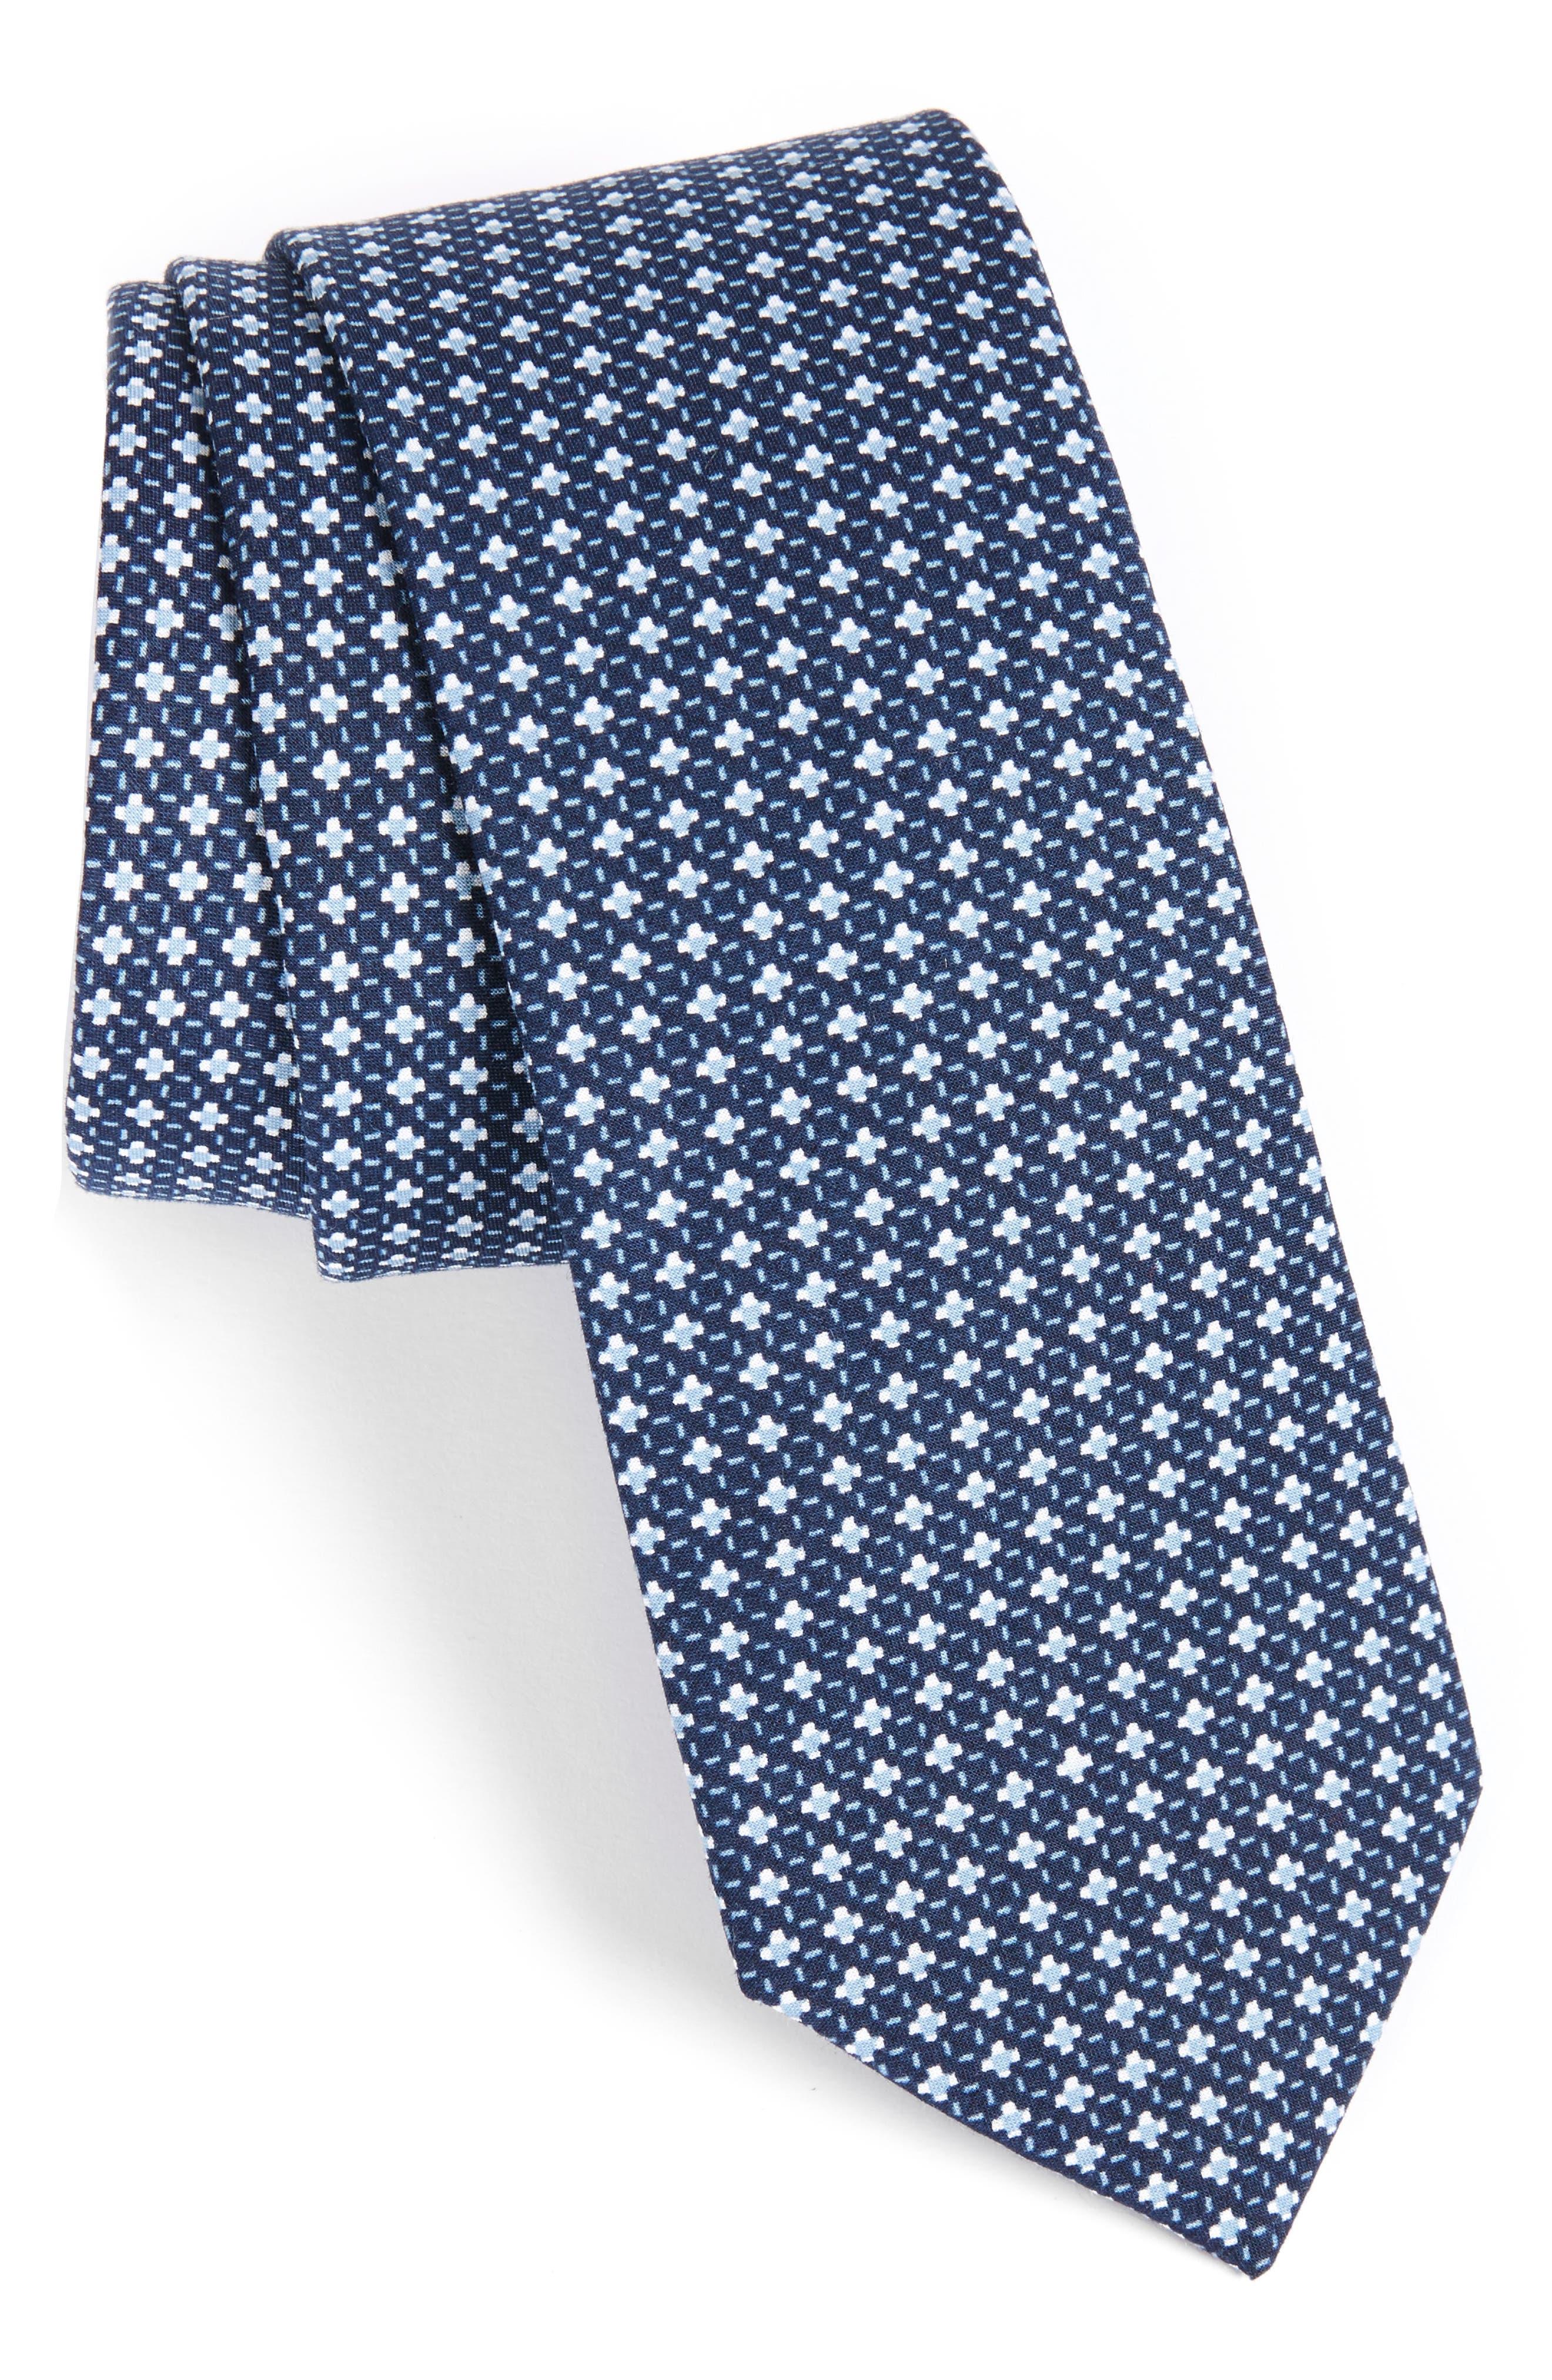 Medallion Cotton Tie,                         Main,                         color, Dark Navy